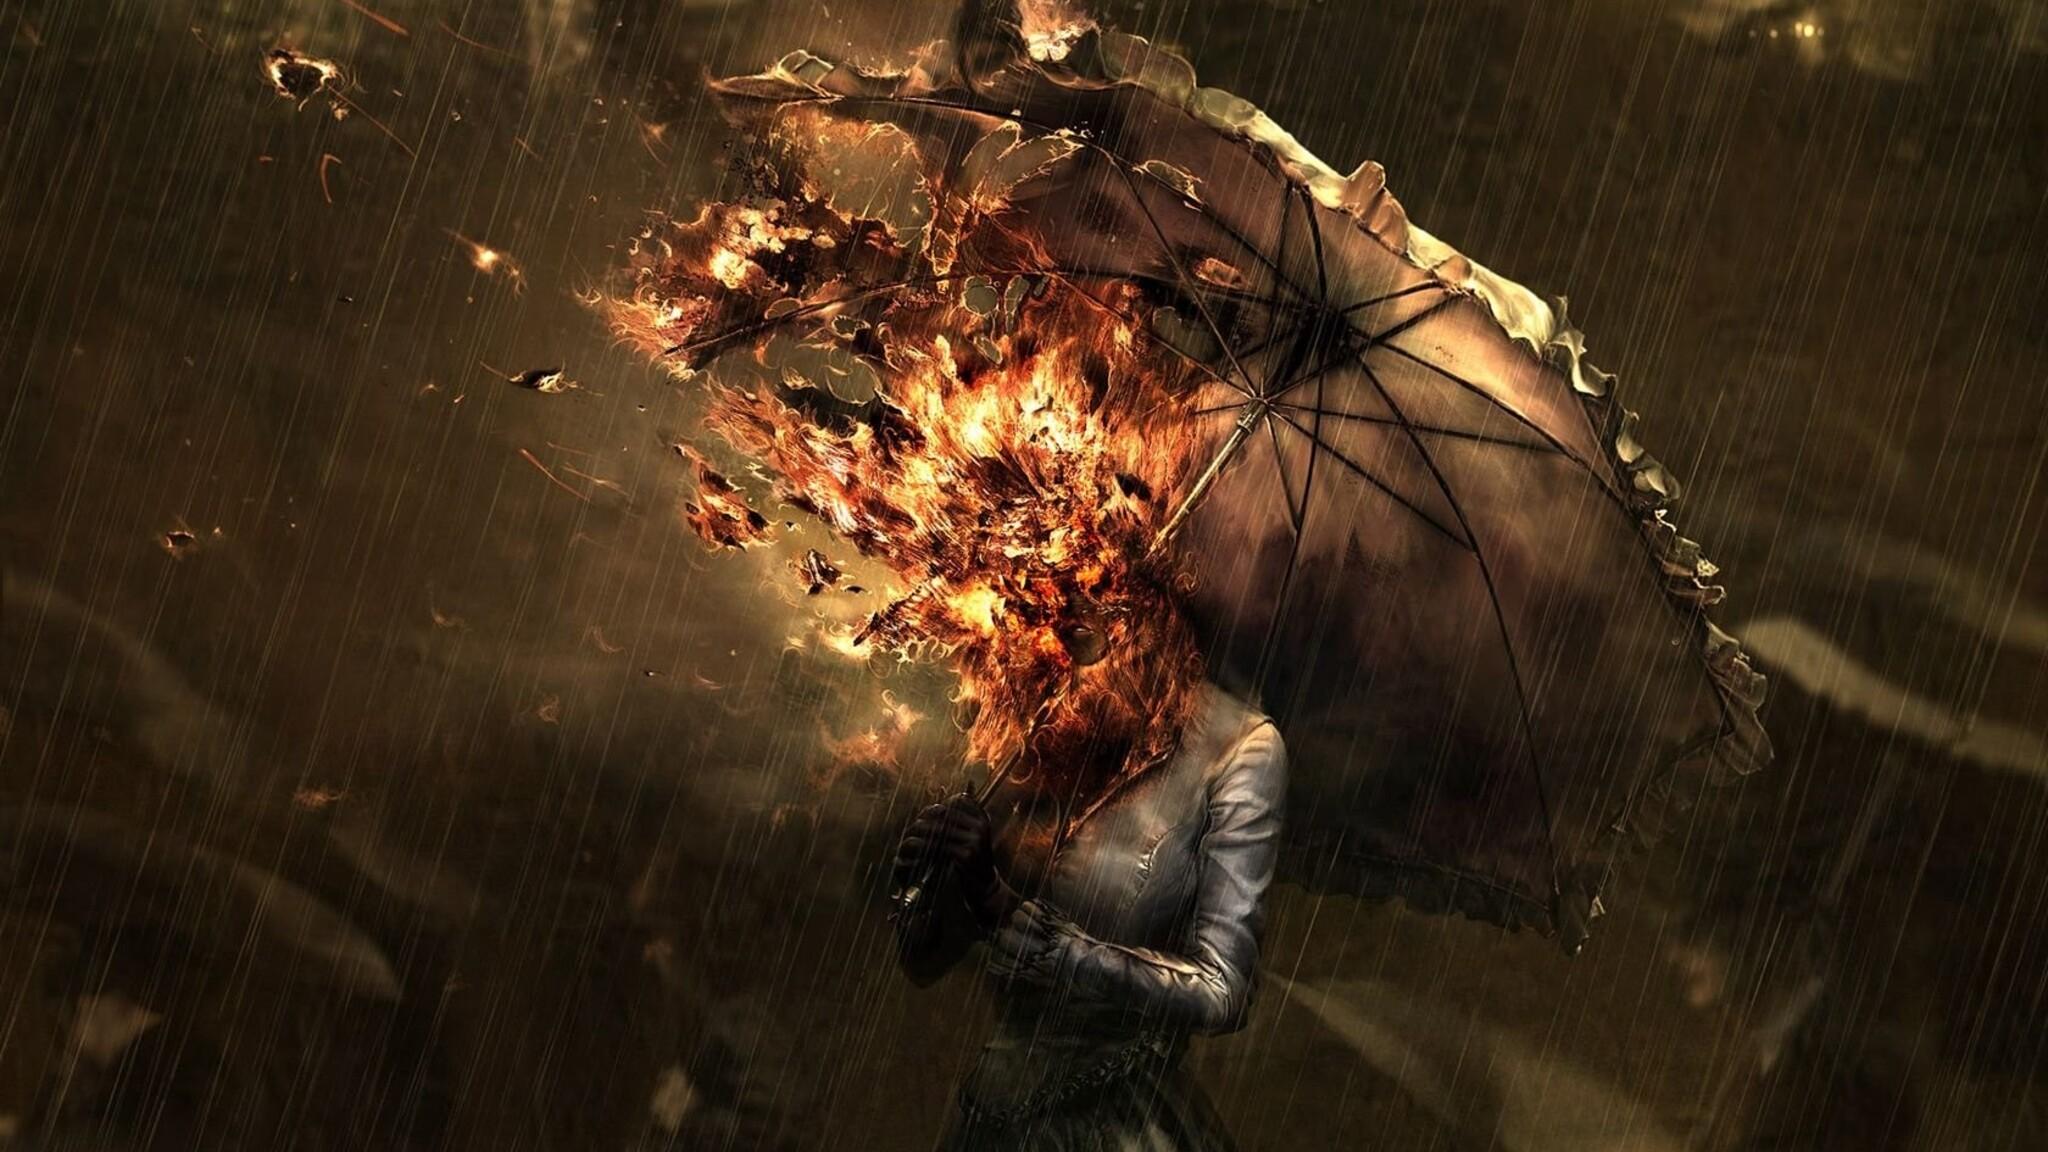 Красивые картинки - Страница 3 Burning-umbrella-girl-wide-2048x1152